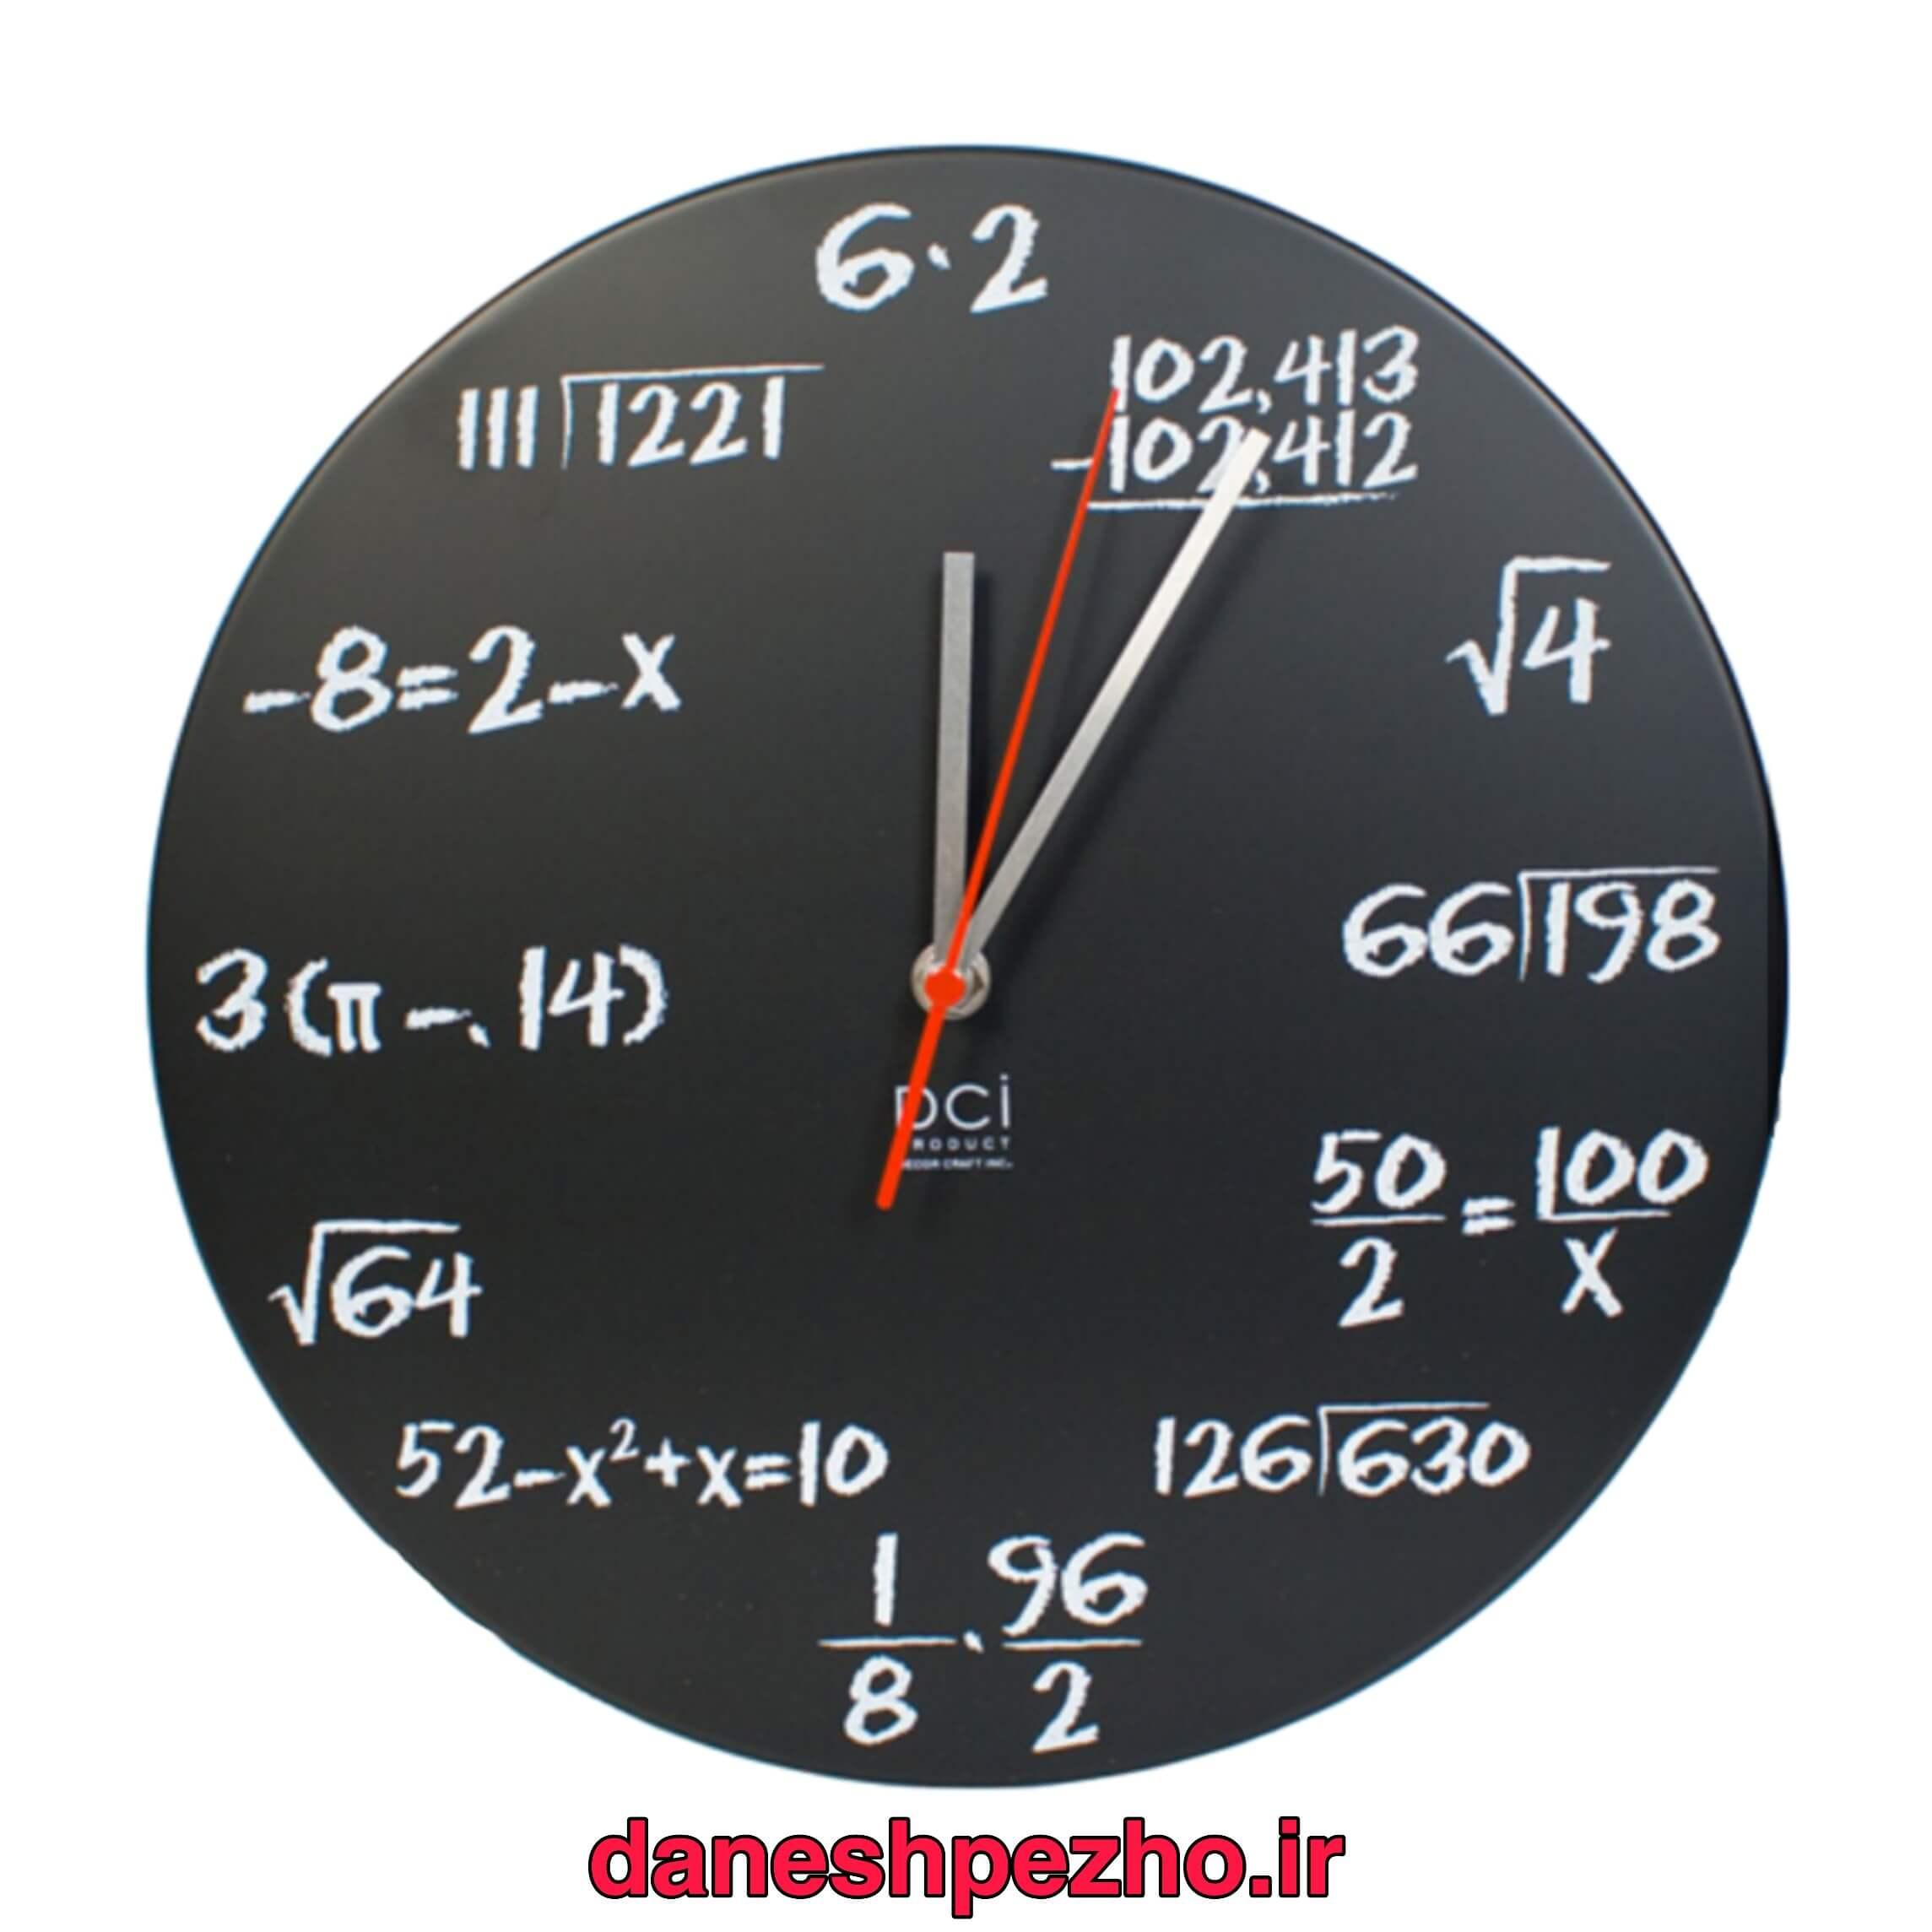 رشته ریاضی و ریاضی کاربردی و ریاضی محض